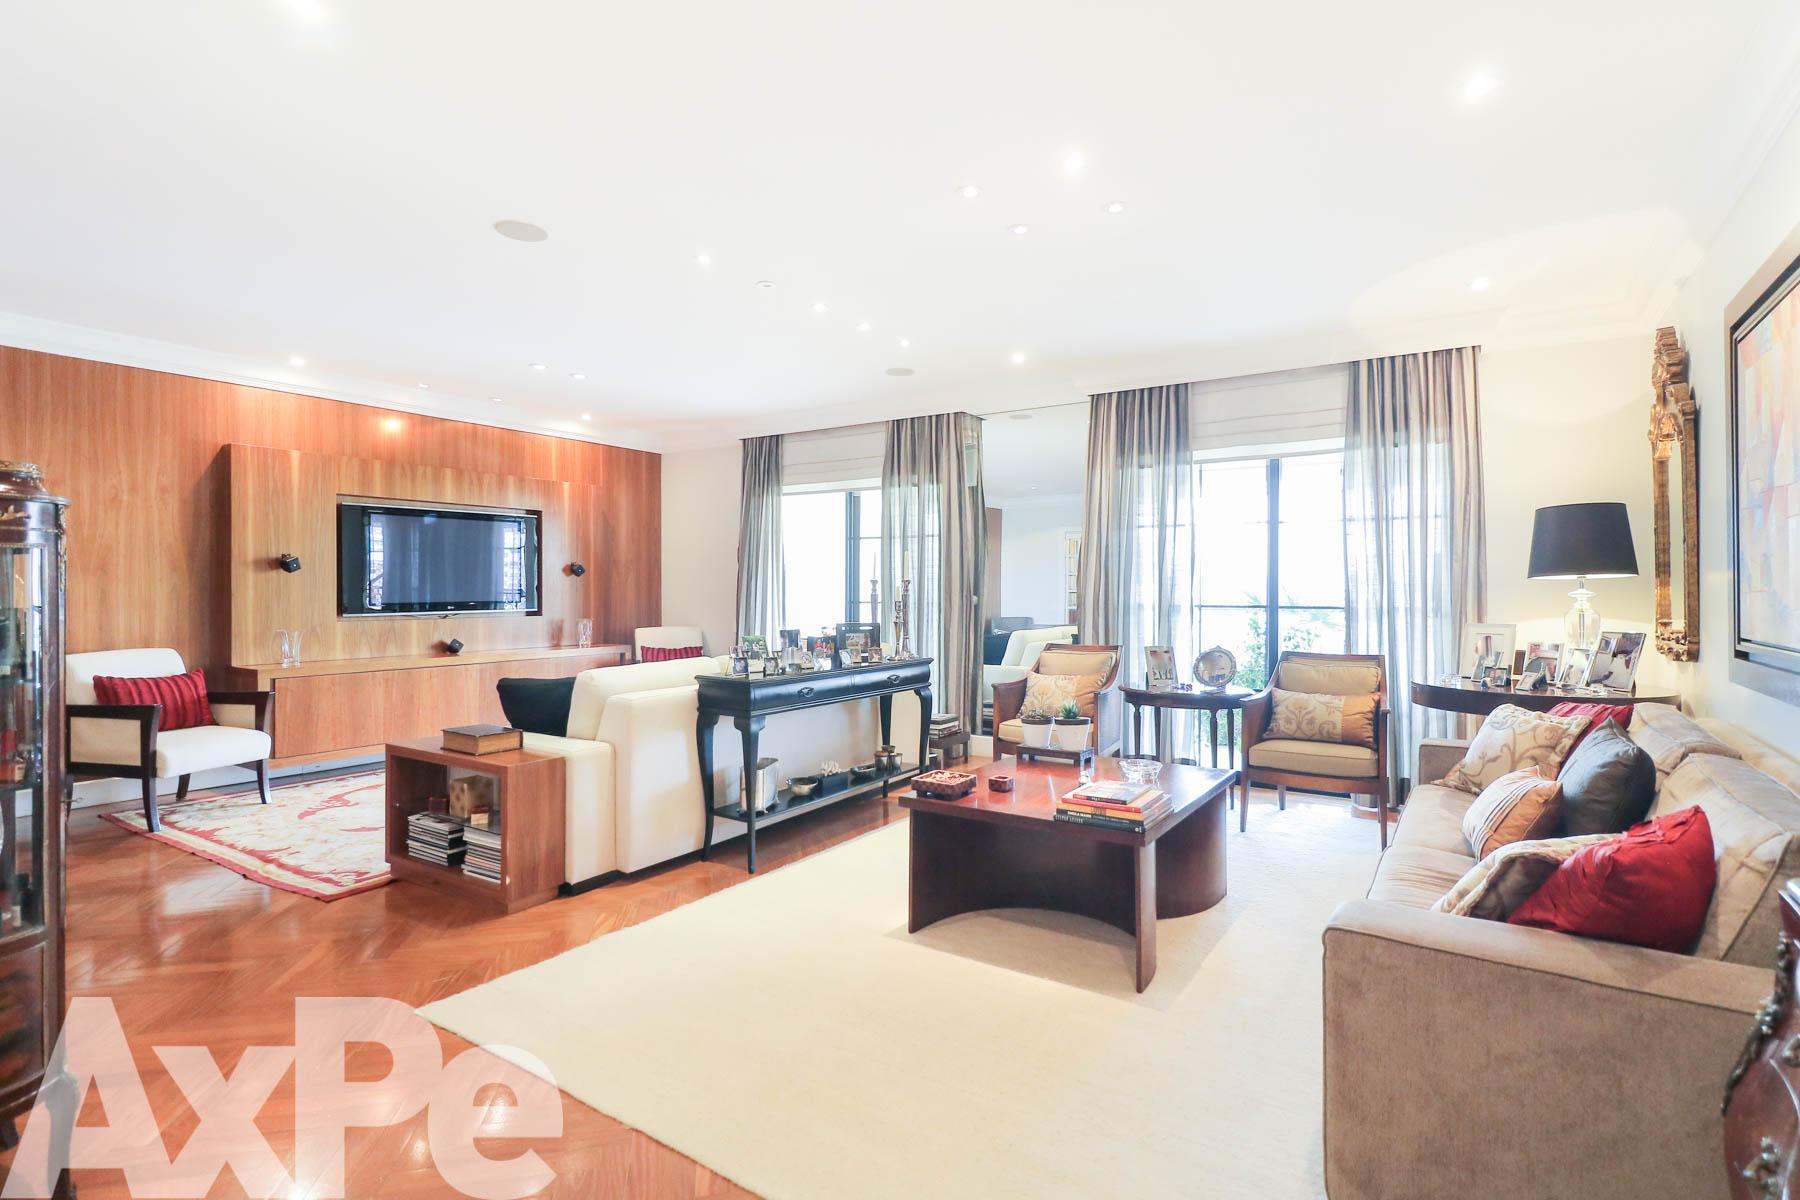 Axpe Apartamento - AX146528